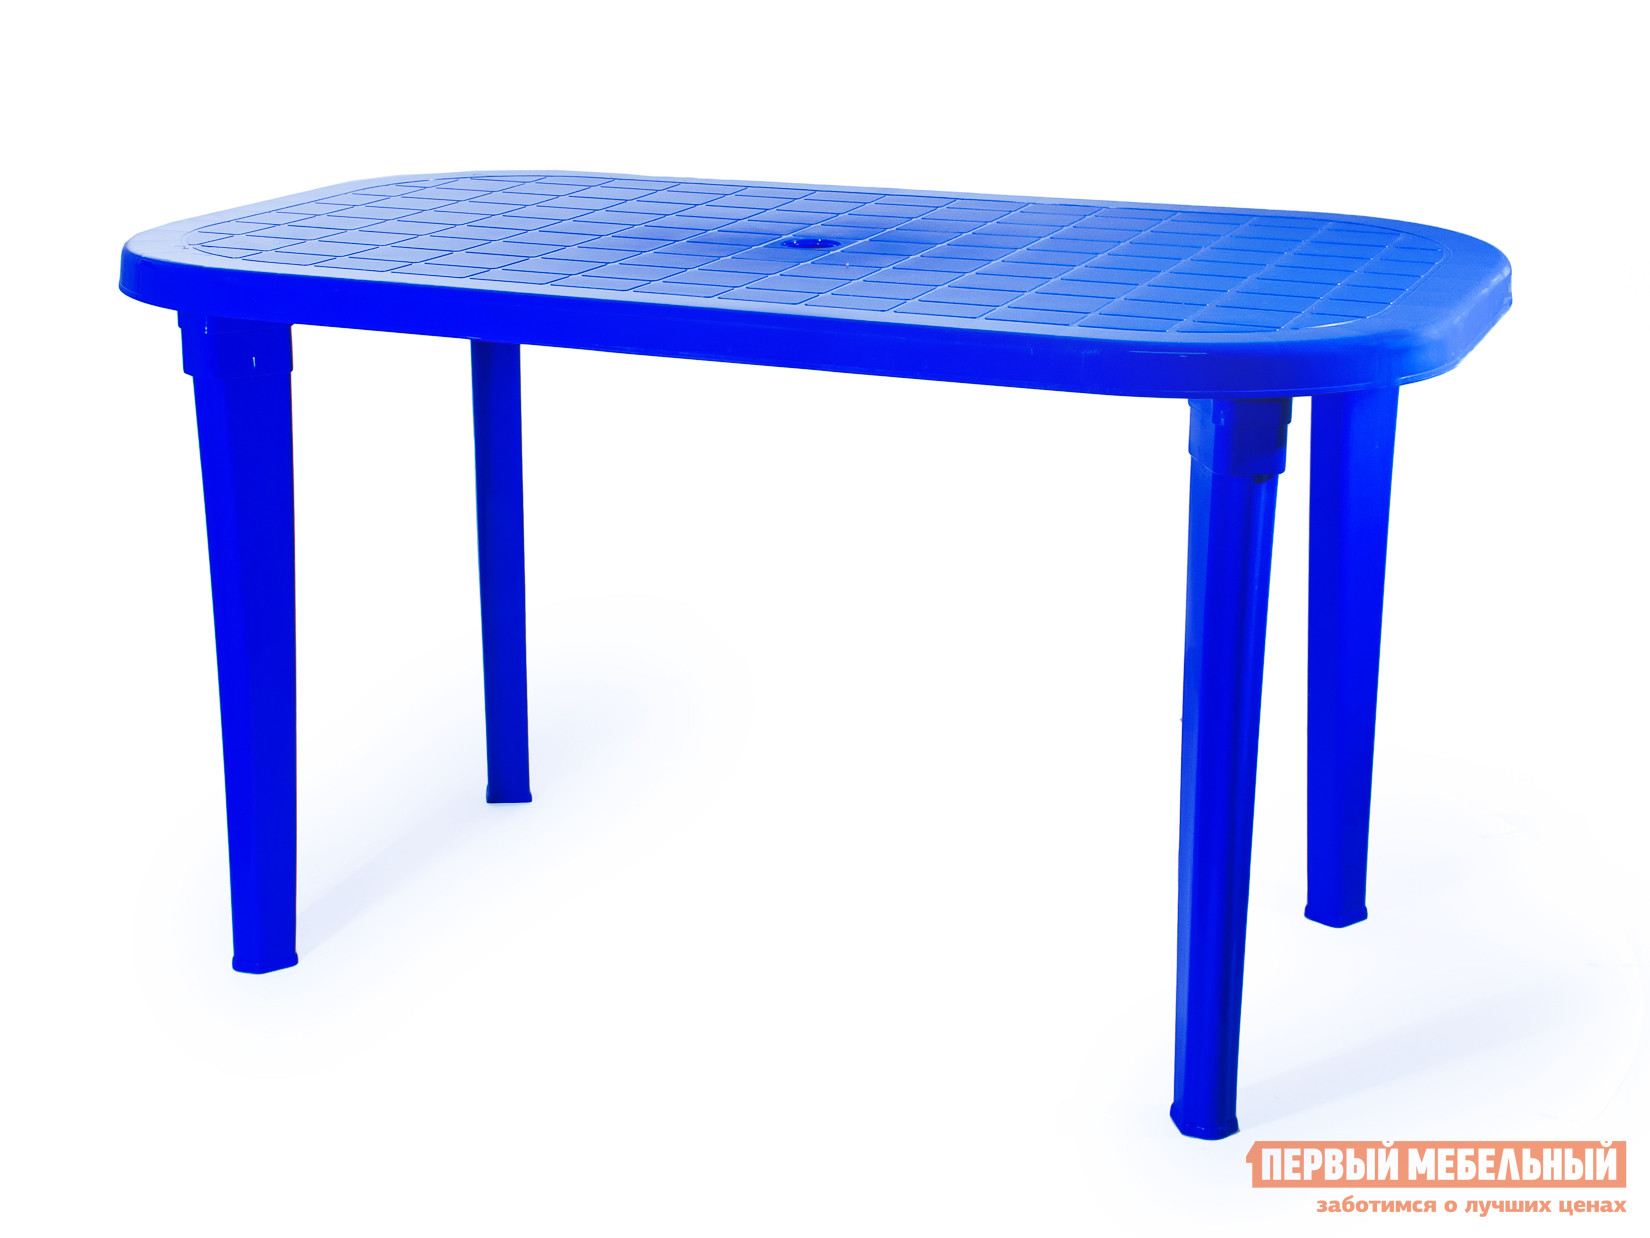 Пластиковый стол ЭЛП Стол овальный СинийПластиковые столы<br>Габаритные размеры ВхШхГ 740x1380x800 мм. Пластиковый Стол овальный для семейных посиделок на даче, на веранде или для обустройства уютного кафе для вечерних встреч с друзьями.  Столешница имеет негладкую поверхность, что предотвратит случайное падение посуды и предметов.  За столом будет приятно собраться с близкими и обсудить последние события, поделиться новостями, сыграть в любимую в семье настольную игру. Стол имеет размеры 740 х 1380 х 800 мм и с комфортом уместит шесть человек.  Его легкий вес, всего 7,9 кг, позволяет быстро переместить стол в нужное место.  Изделие выполняется из пластика — прочного и неприхотливого материала, устойчивого к температурным колебаниям и влажности.  Стол поставляется в разобранном виде.  Чтобы его собрать, нужно всего лишь вкрутить ножки в столешницу.  Это занимает считанные минуты.<br><br>Цвет: Синий<br>Высота мм: 740<br>Ширина мм: 1380<br>Глубина мм: 800<br>Кол-во упаковок: 1<br>Форма поставки: В разобранном виде<br>Срок гарантии: 1 год<br>Форма: Овальные<br>Форма: Прямоугольные<br>Размер: Большие